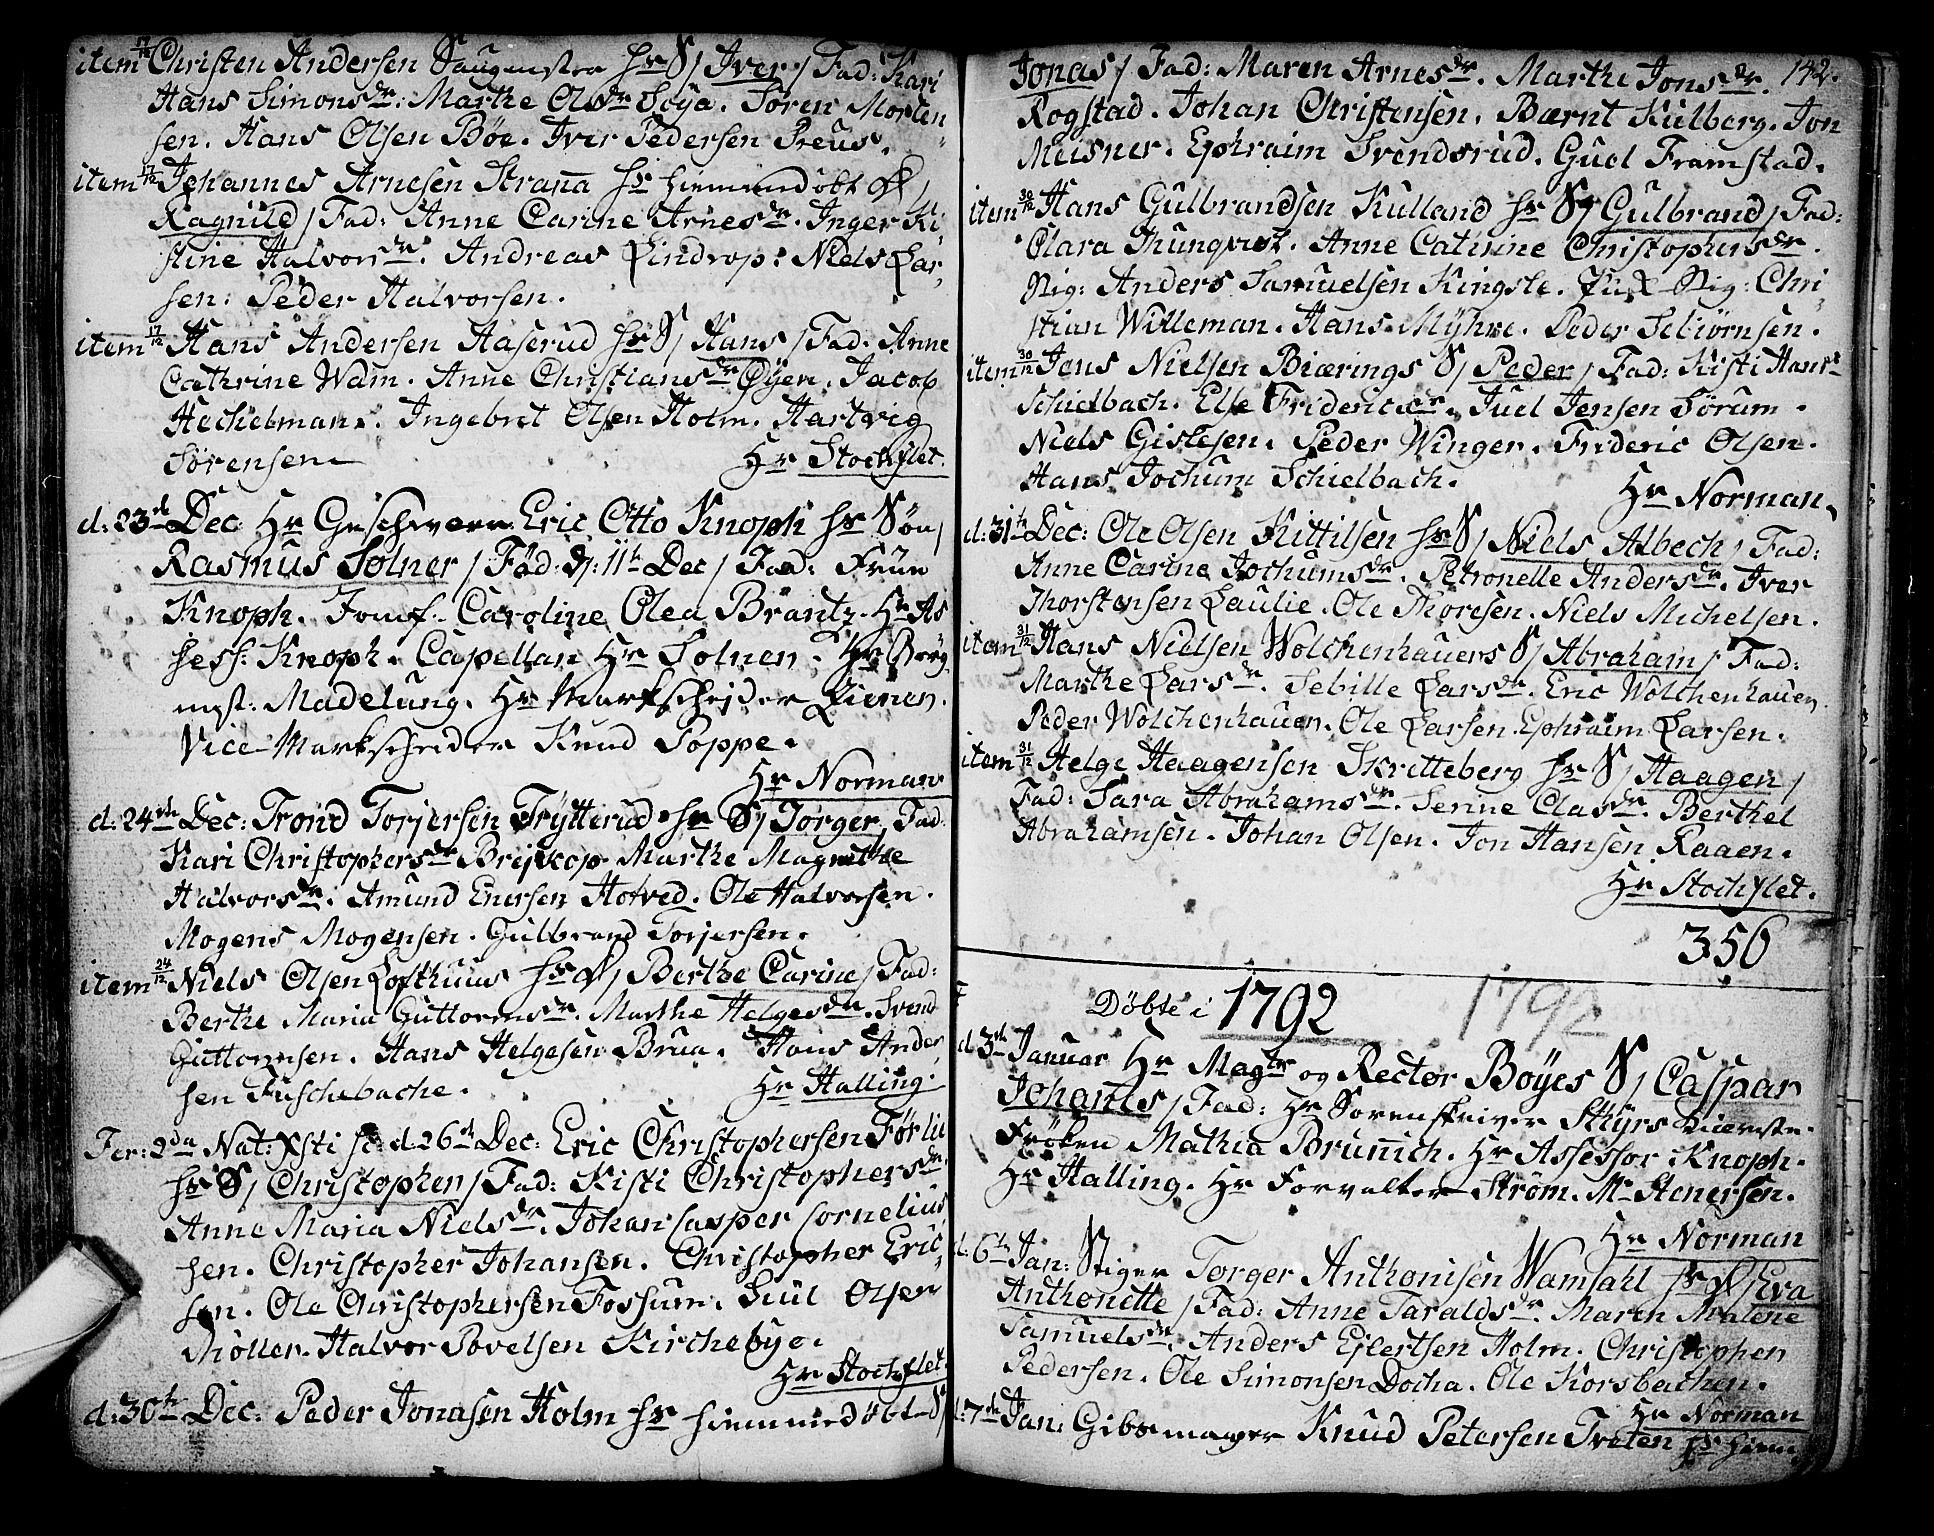 SAKO, Kongsberg kirkebøker, F/Fa/L0006: Ministerialbok nr. I 6, 1783-1797, s. 142